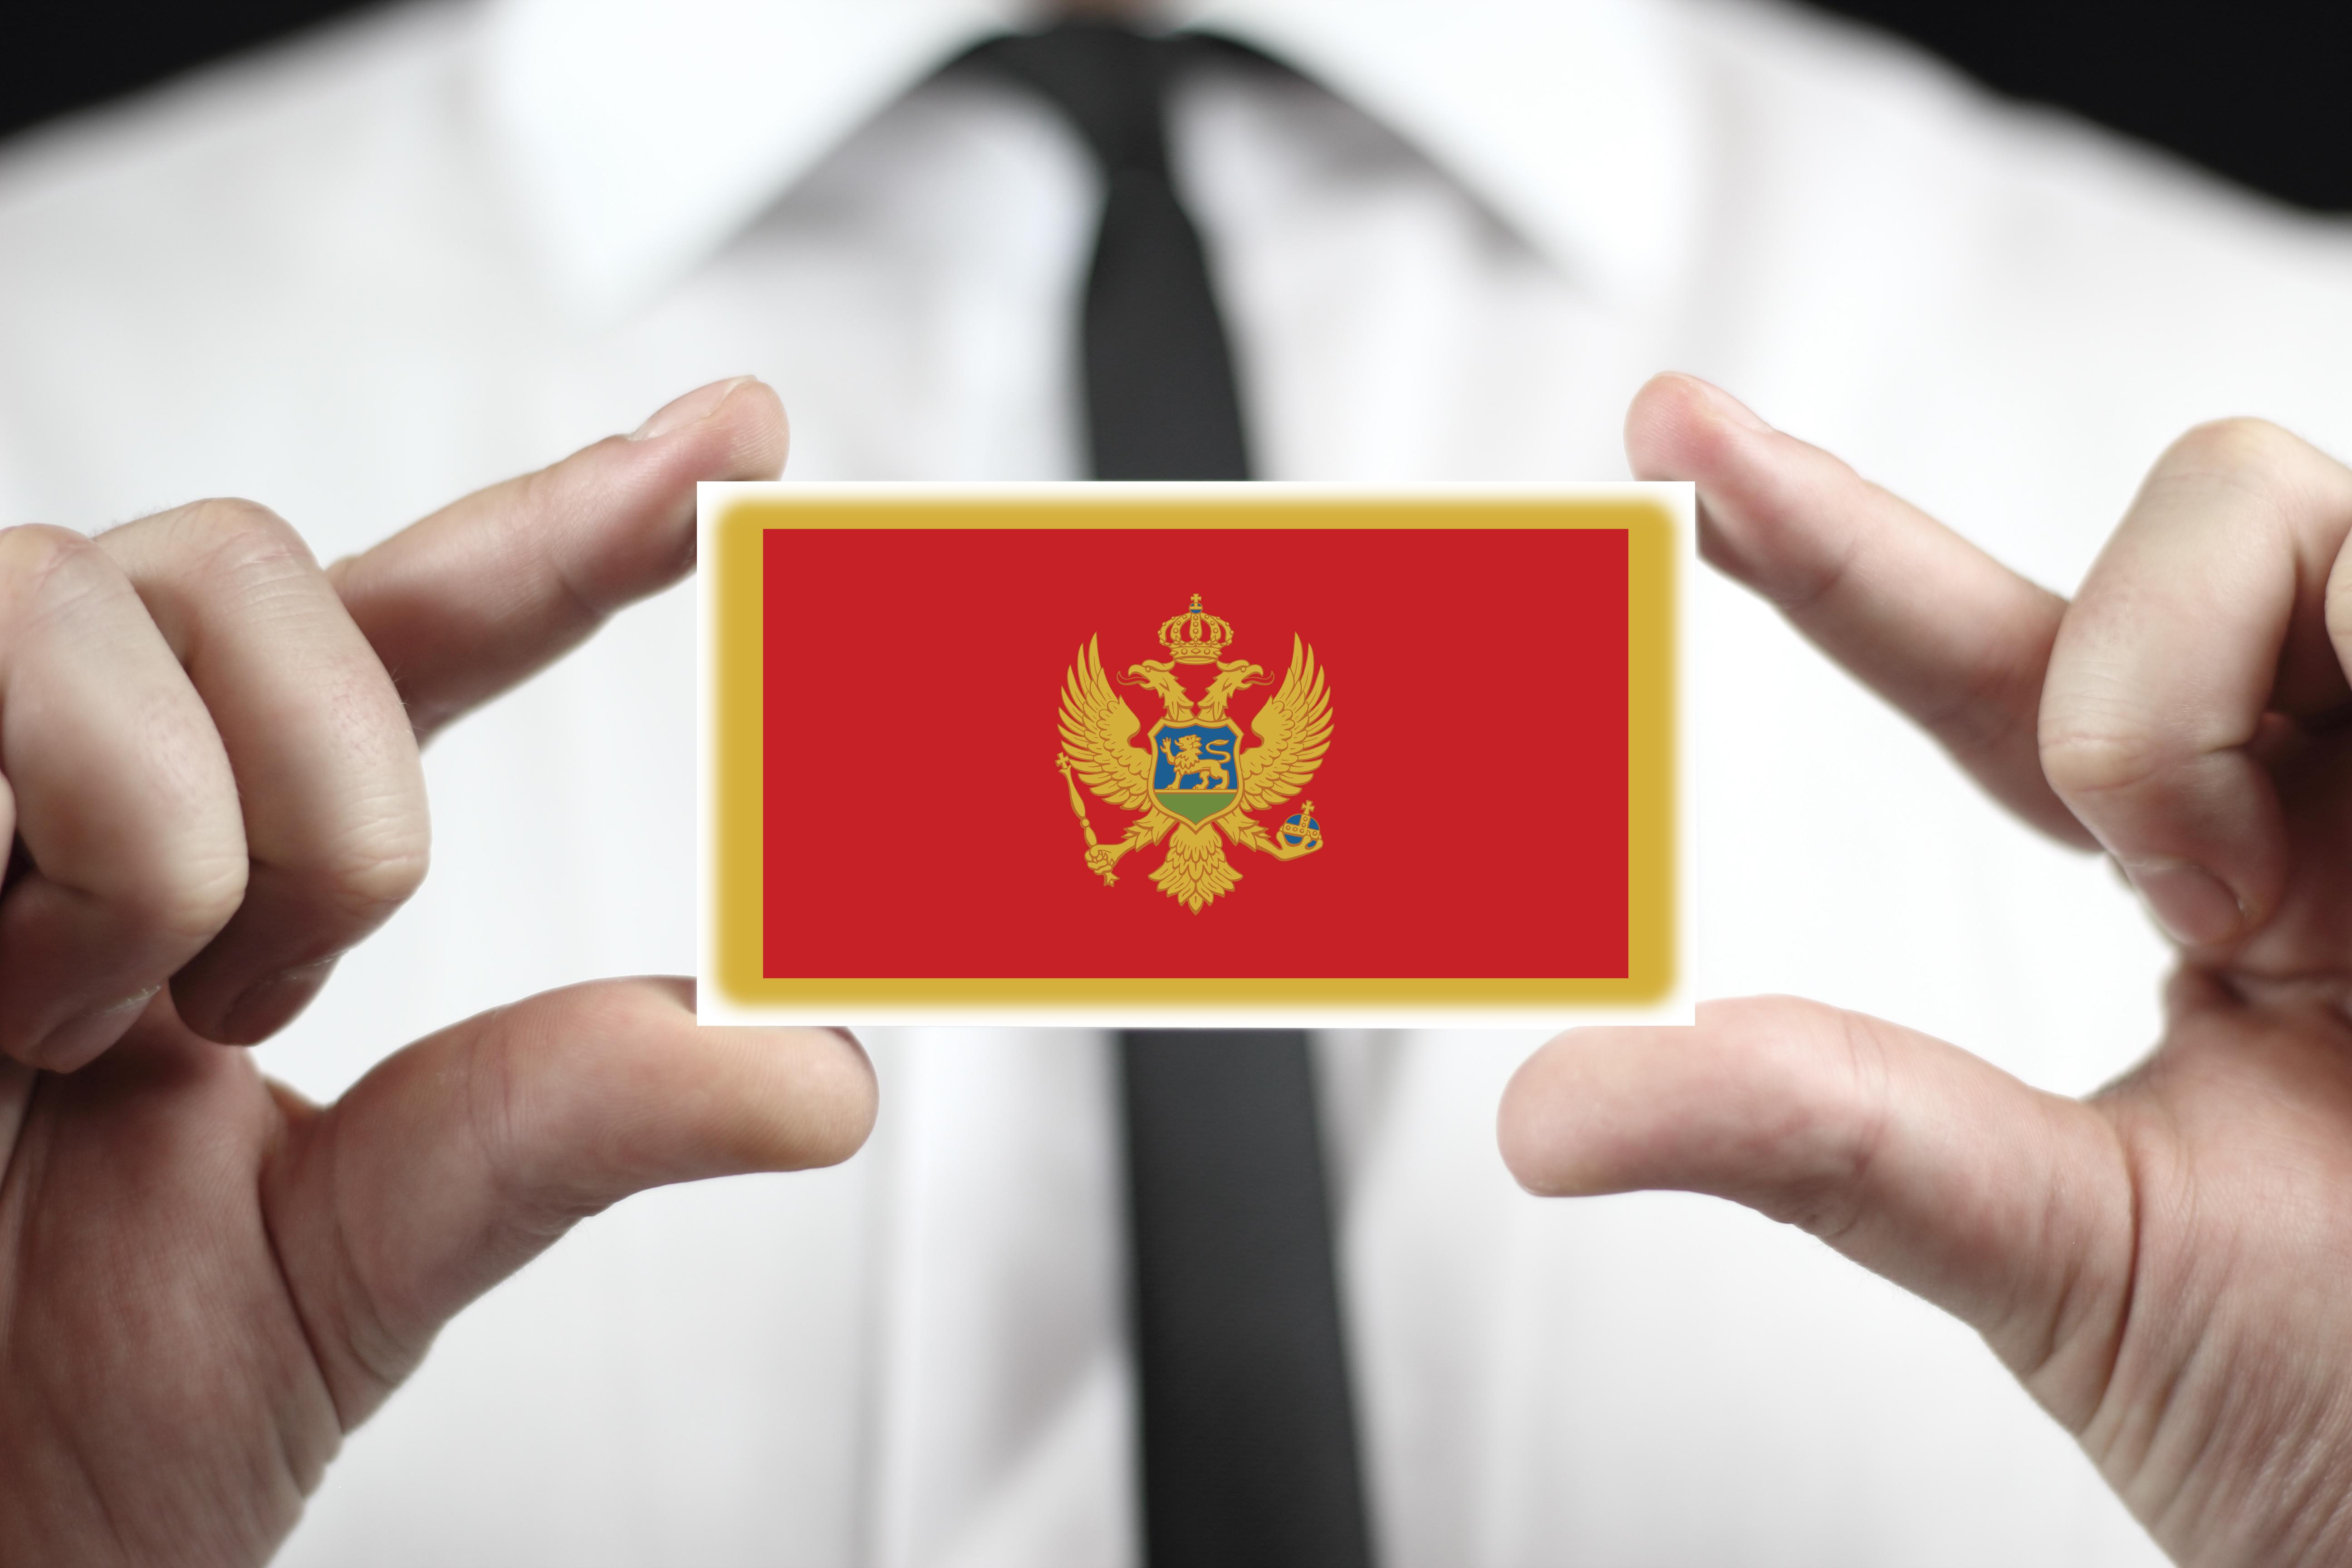 Бизнес-иммигрант держит флаг Черногории, получить ВНЖ которой можно через открытие фирмы